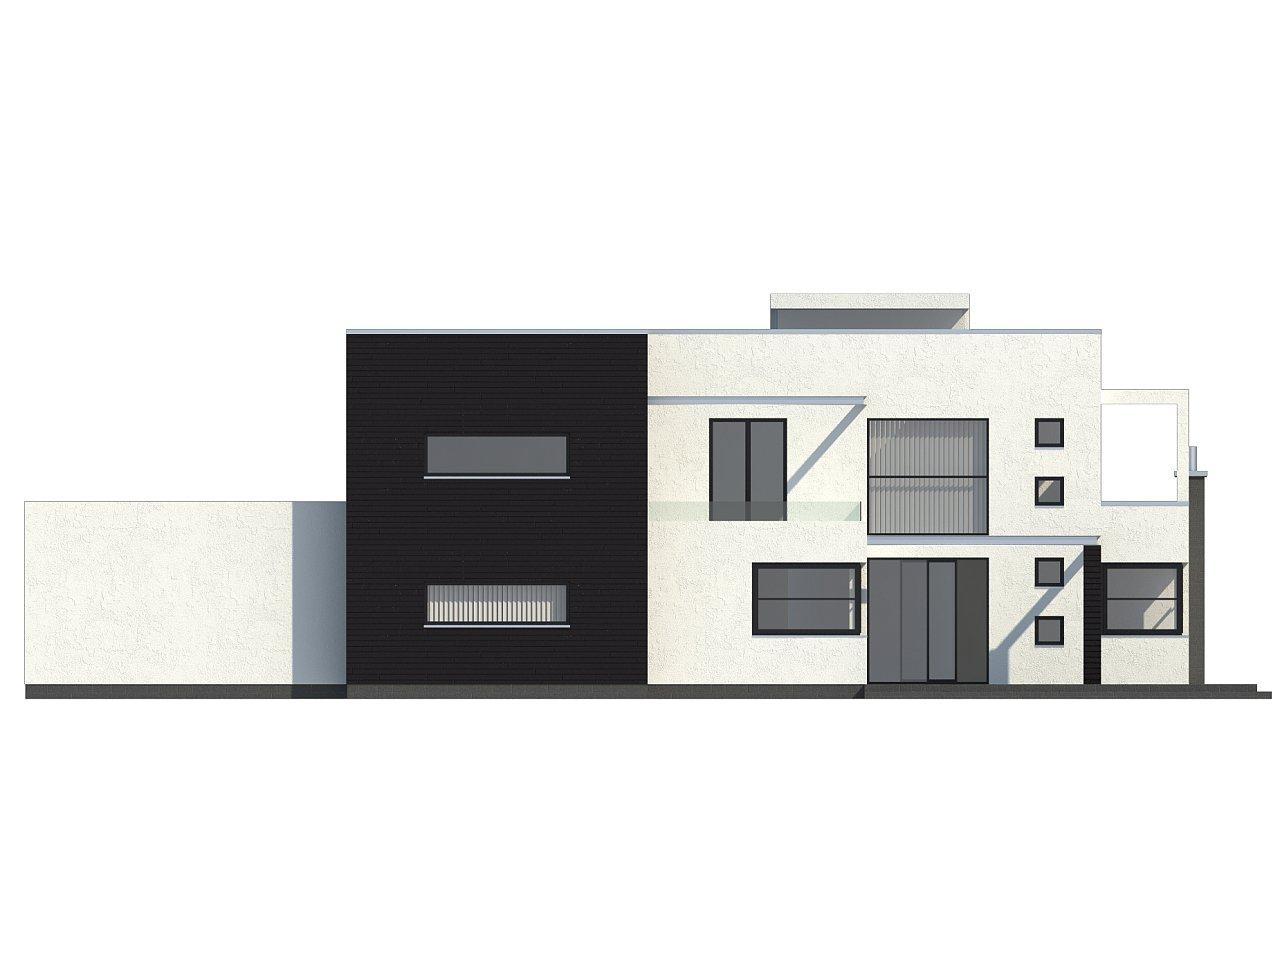 Современный дом кубической формы с террасой над гаражом. - фото 4